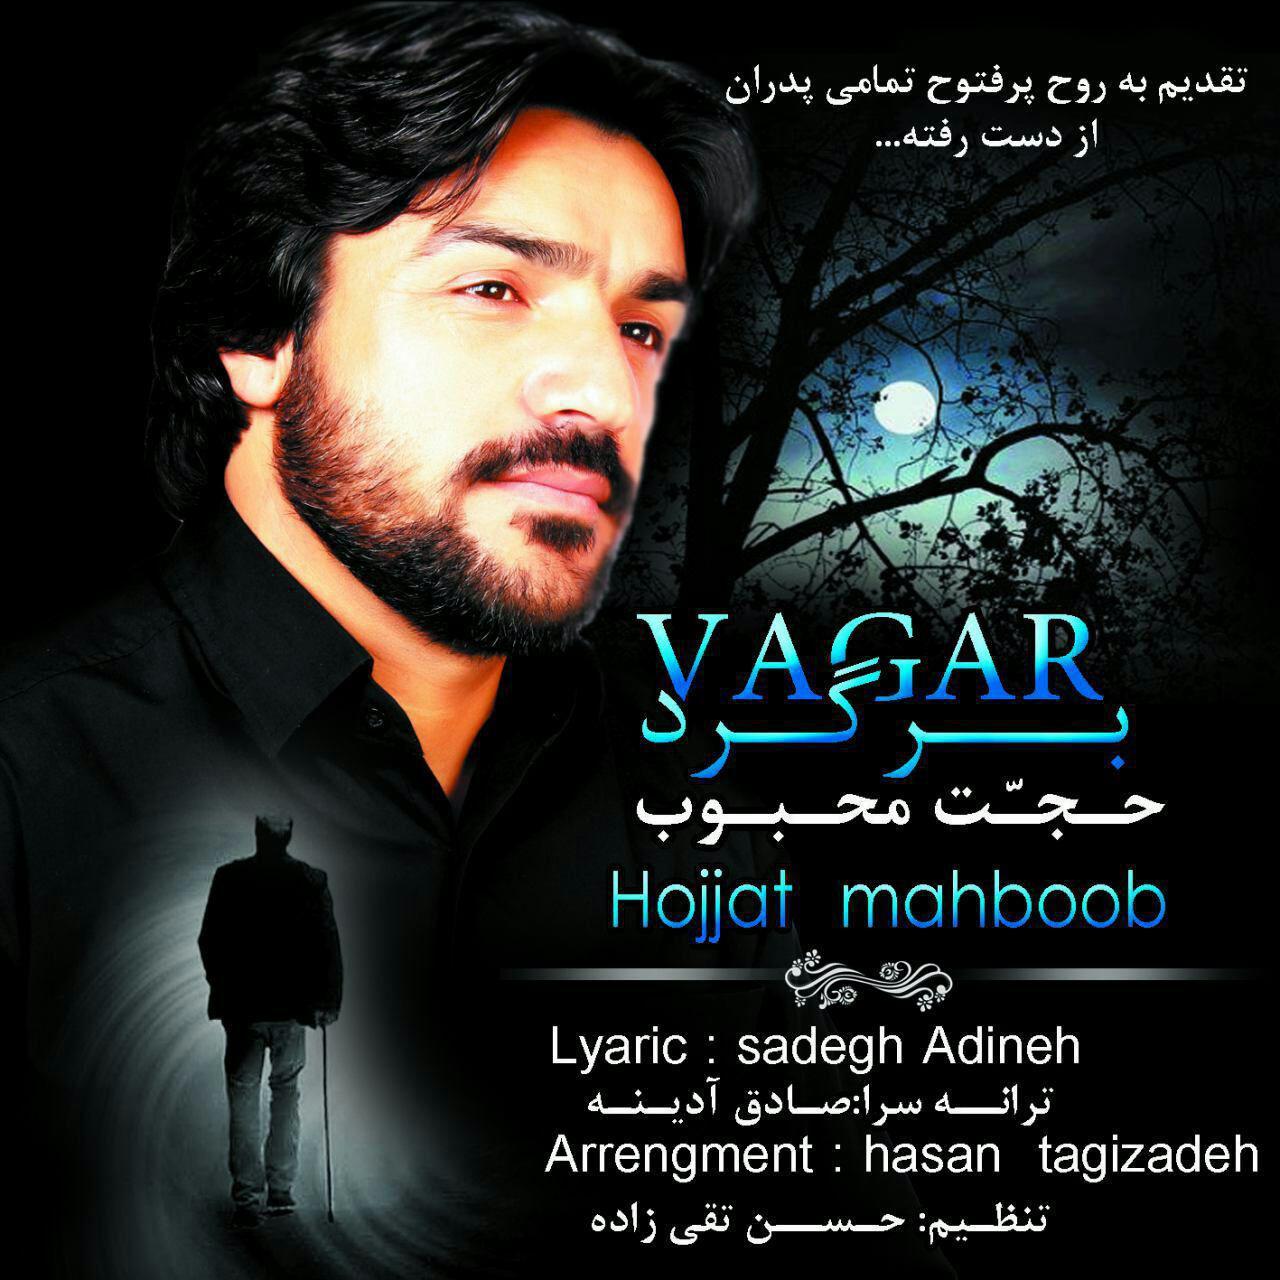 آهنگ جدید و بسیار زیبا از حجت محبوب به نام وگر در کرمانج موزیک